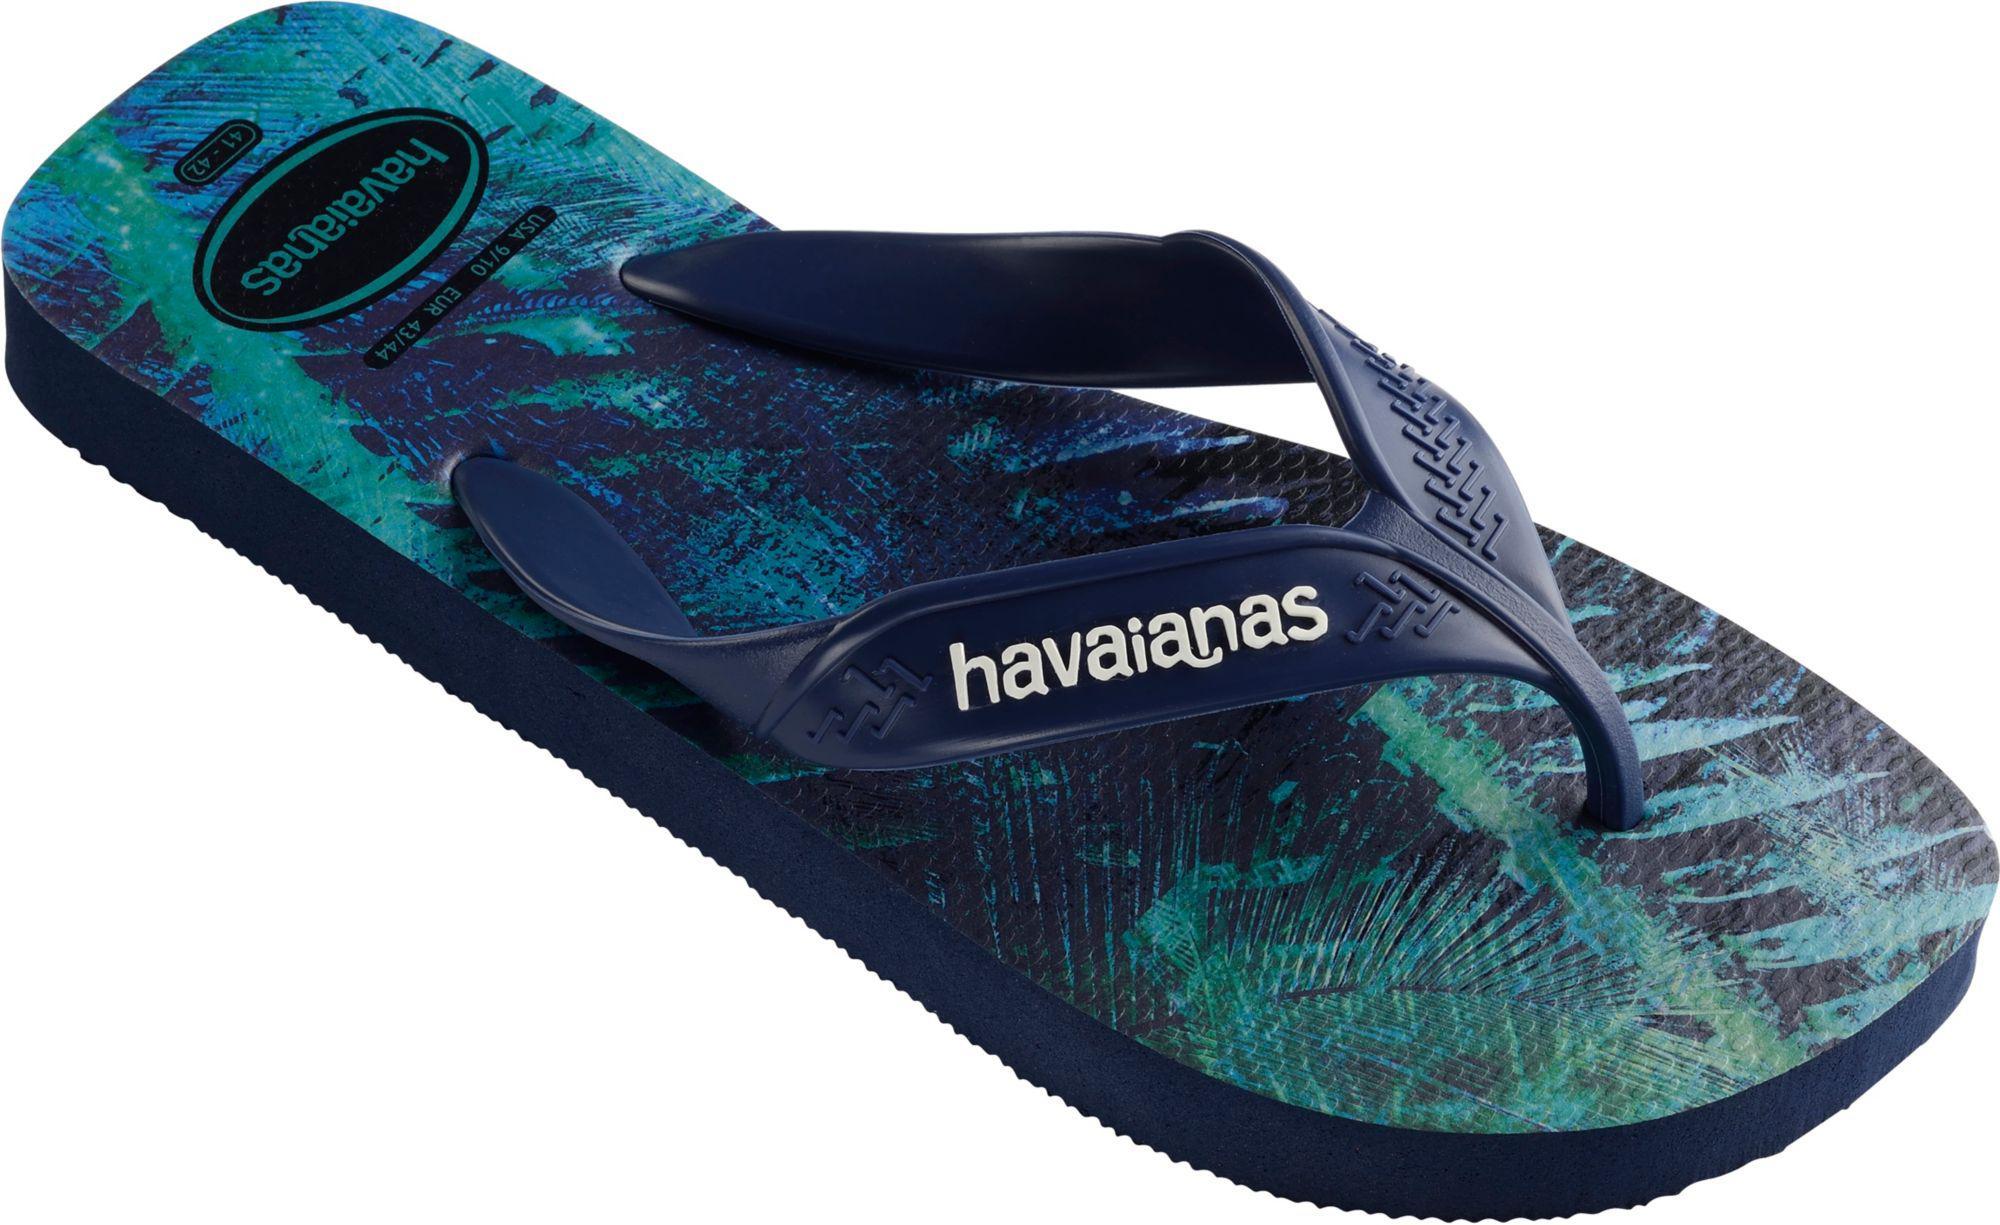 5189764134a34 Lyst - Havaianas Surf Pro Flip Flops in Blue for Men